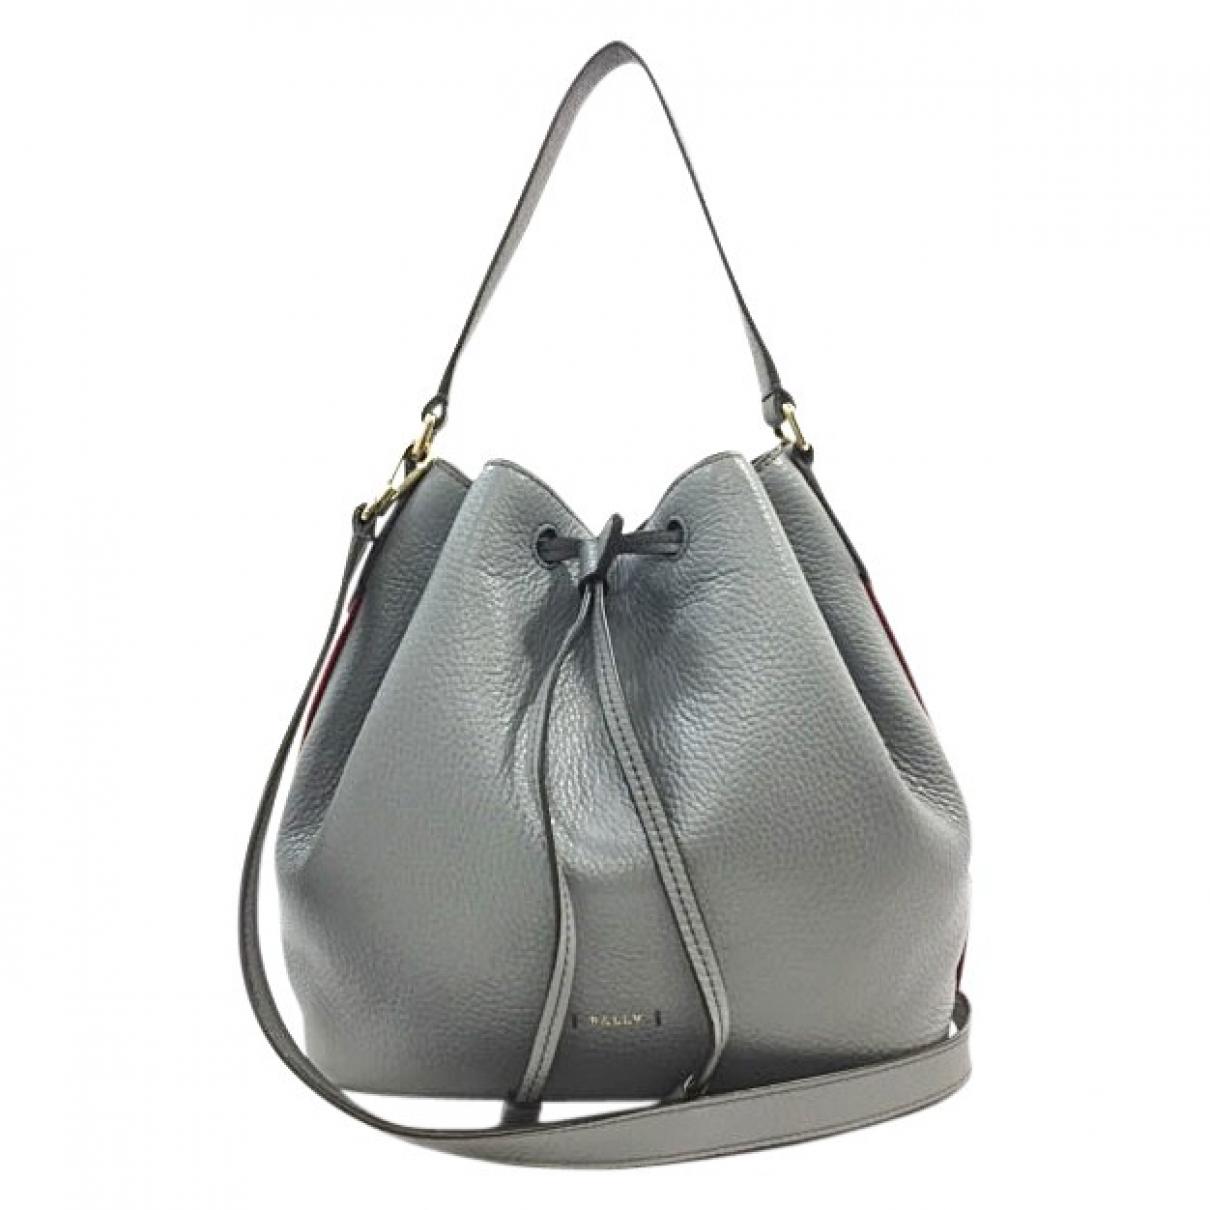 Bally \N Grey Leather handbag for Women \N